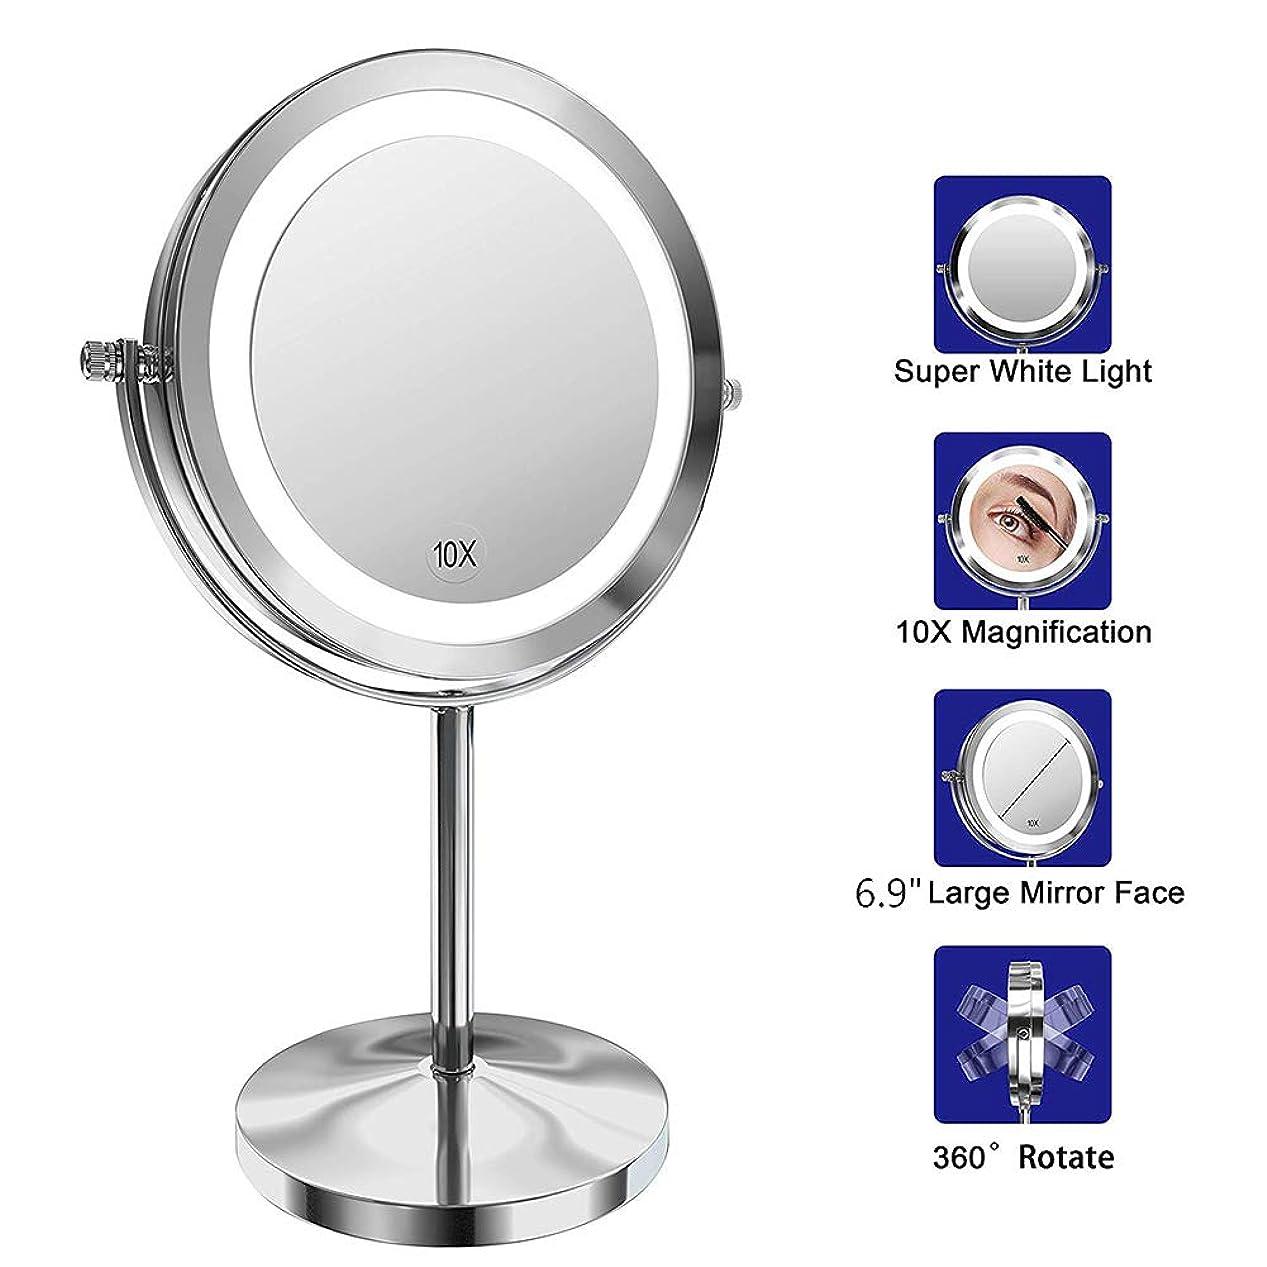 エスカレータースペインピック照明付き化粧鏡-10x LED拡大鏡、360°回転、LEDライト付き両面化粧鏡、スタンド付き旅行化粧鏡、電池式、ギフトに最適